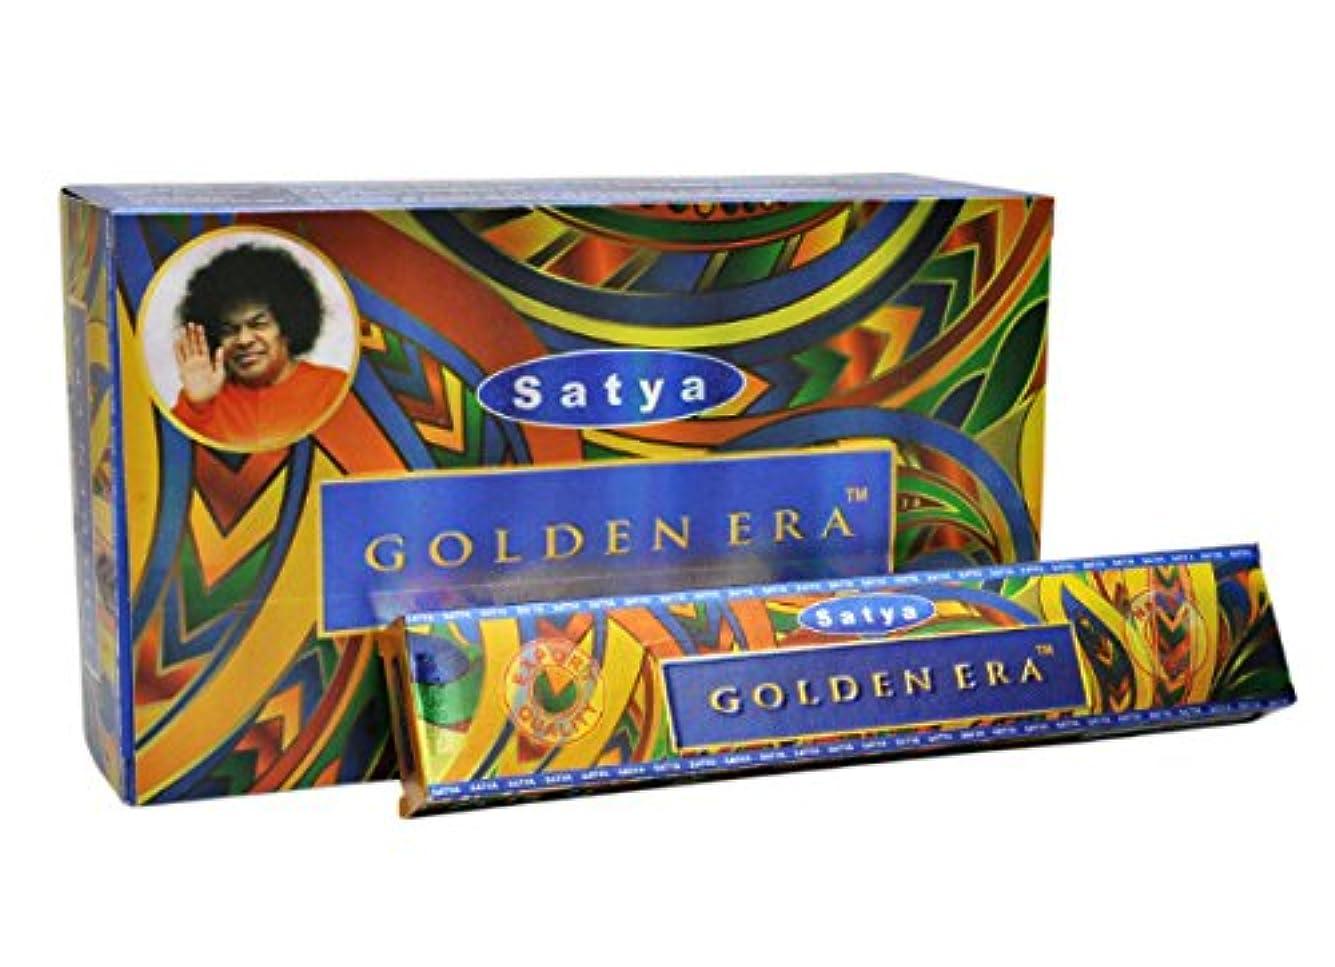 束ねる口ひげ位置づけるSatya Golden Era Incense Sticks 15グラムパック、12カウントin aボックス